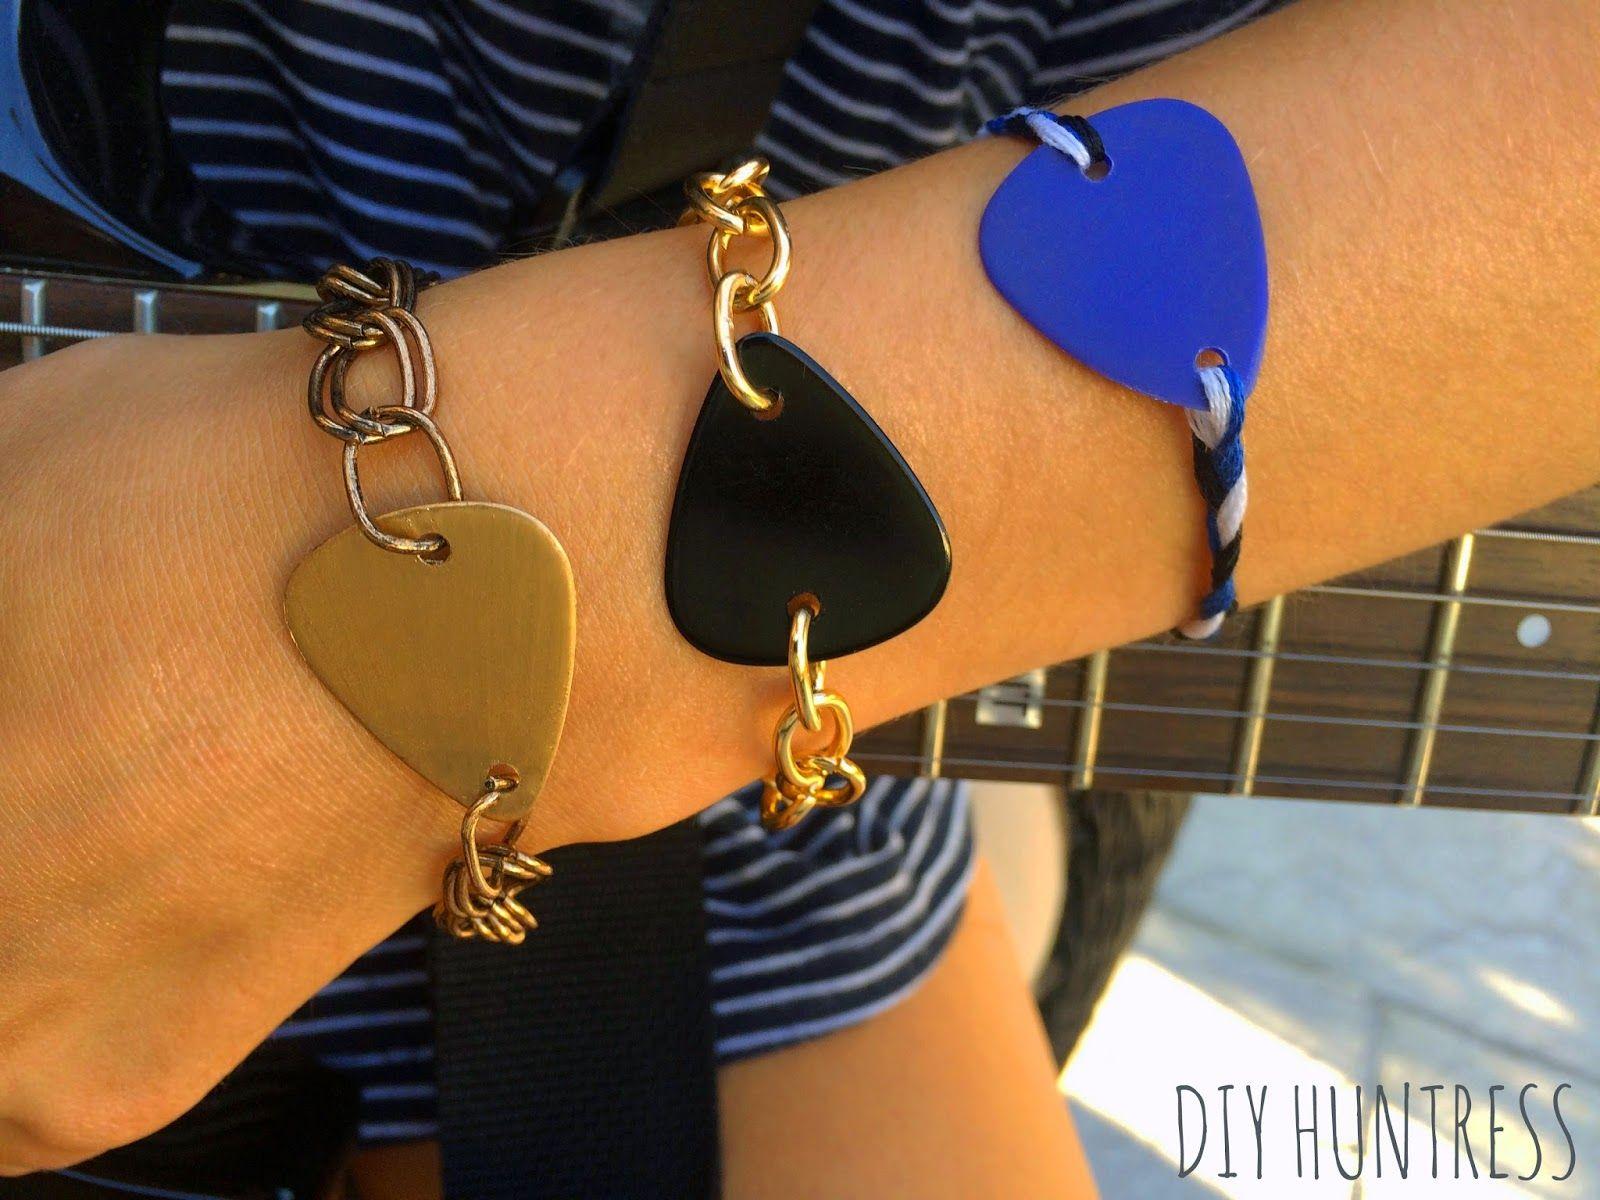 Diy Huntress Diy Guitar Pick Bracelet Guitar Pick Jewelry Accessories Diy Jewelry Guitar Jewelry